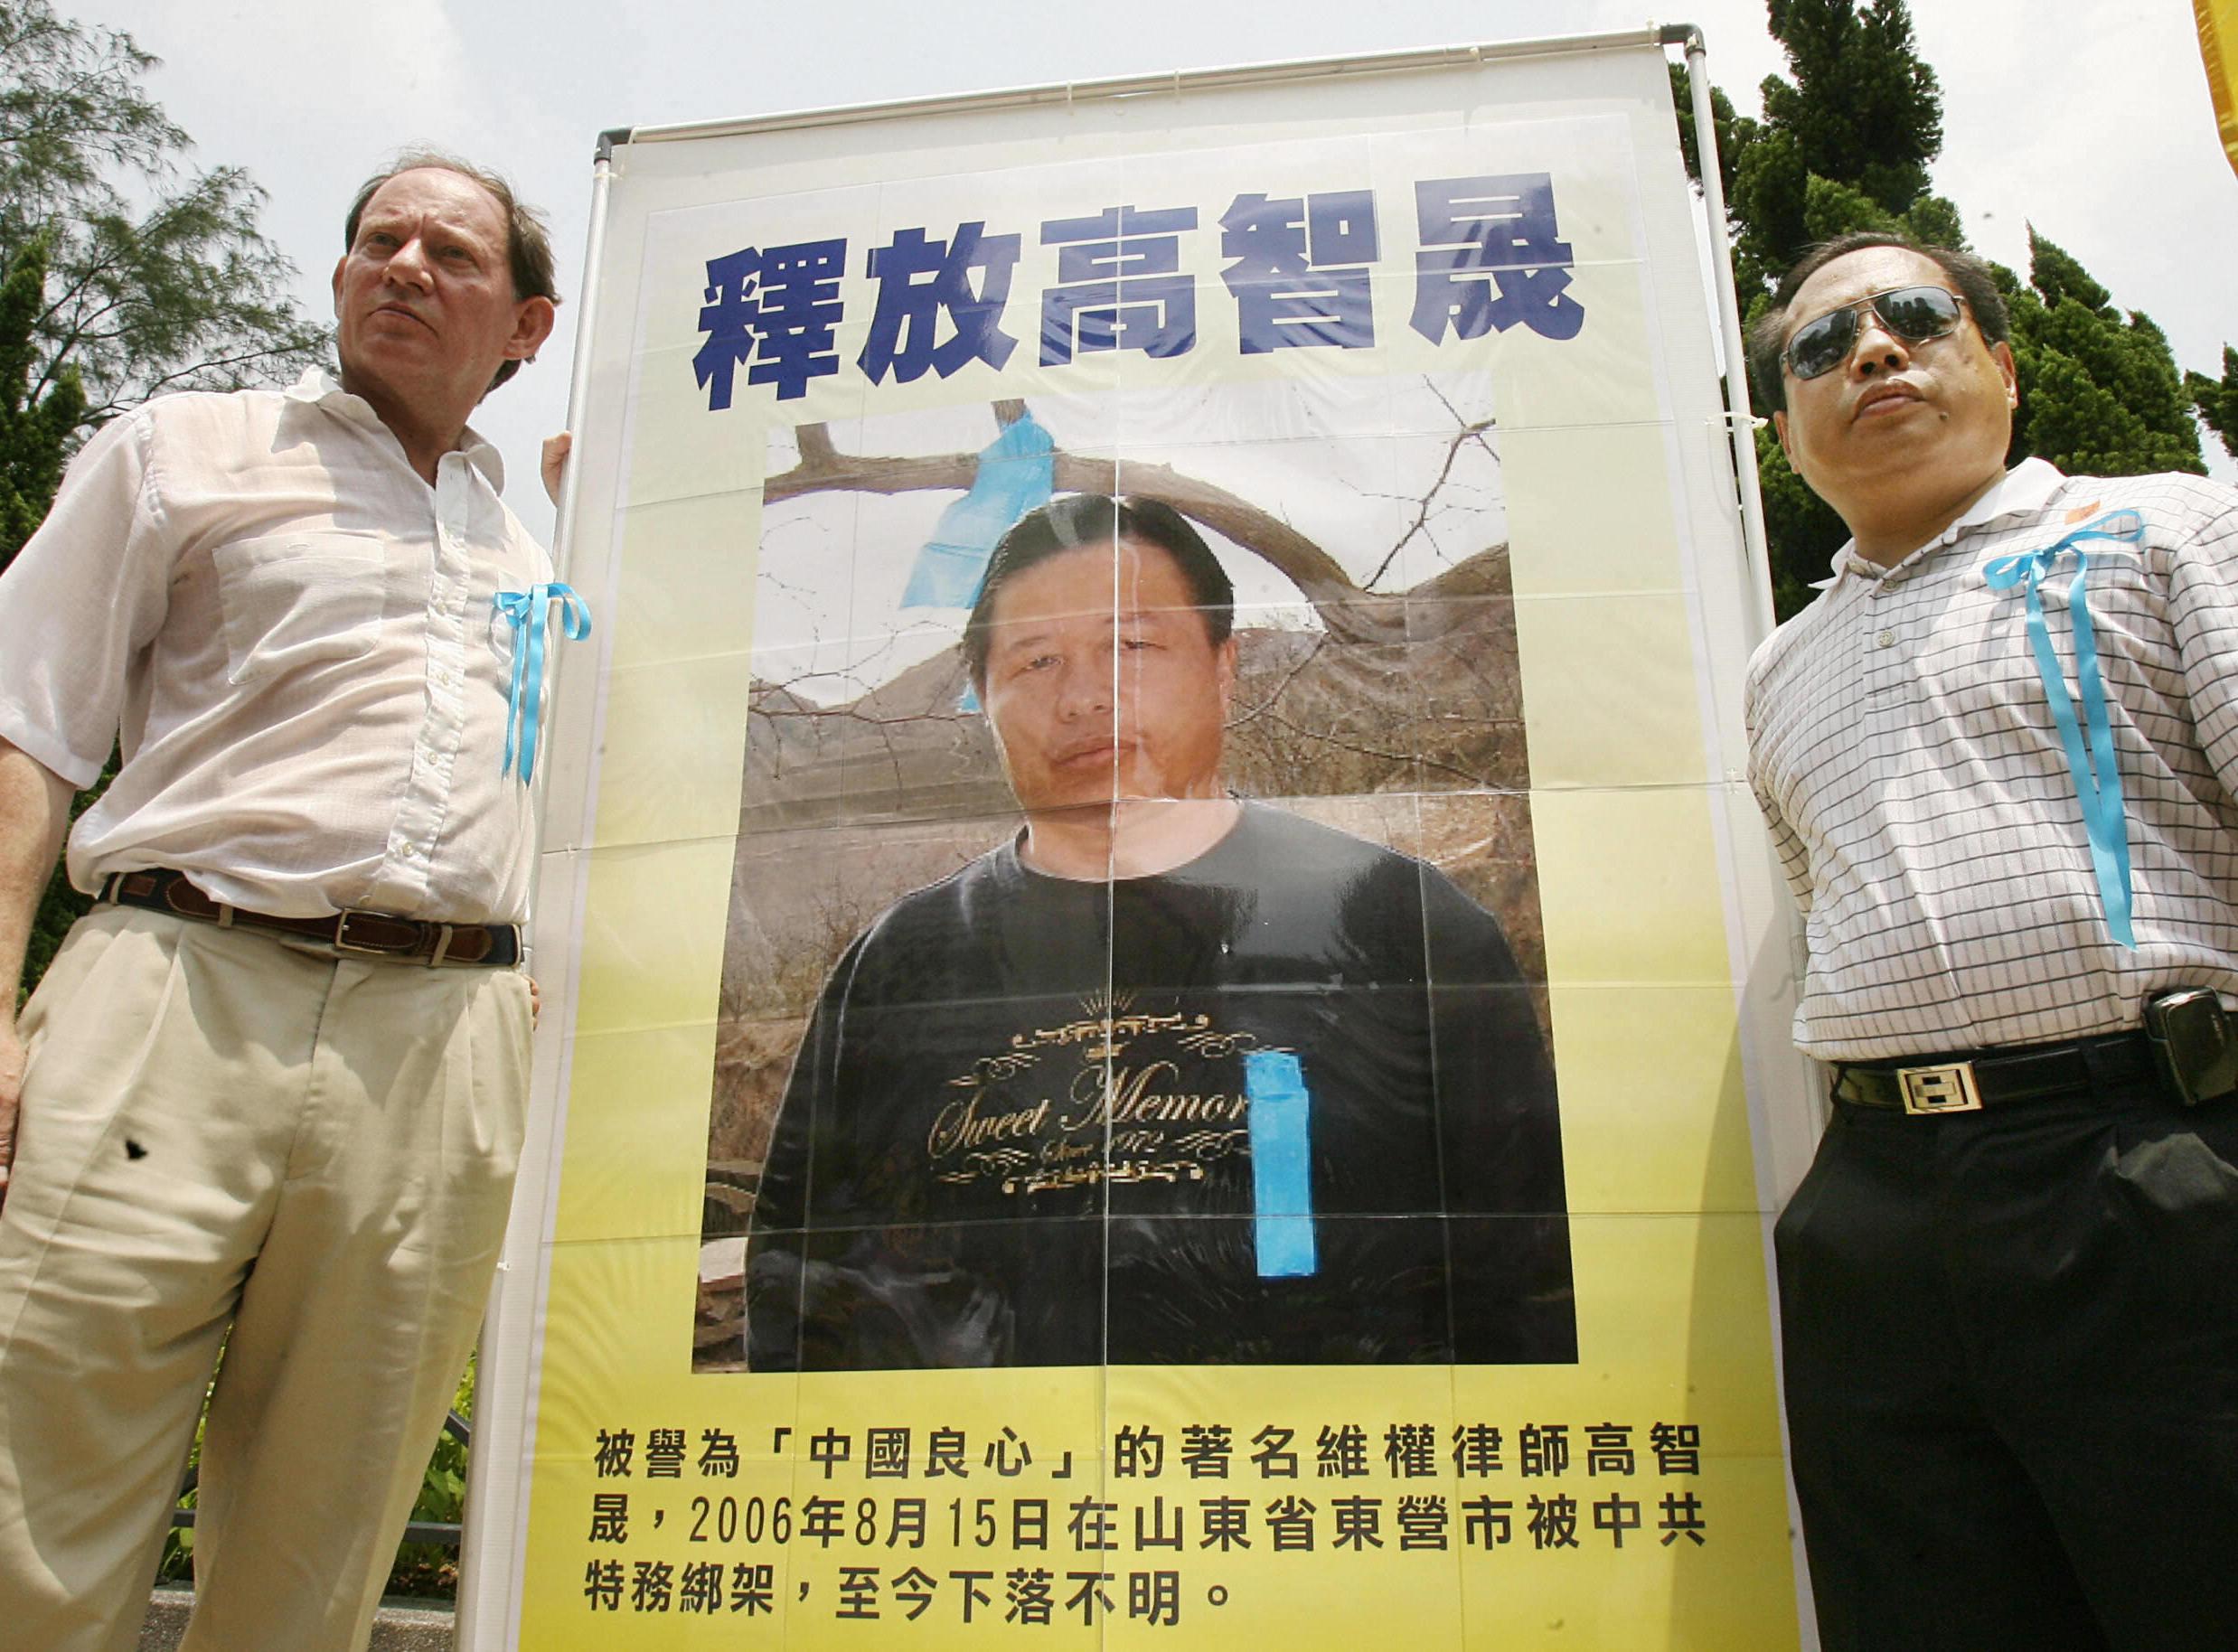 Zehnter Jahrestag der Verfolgung von Falun Gong in China